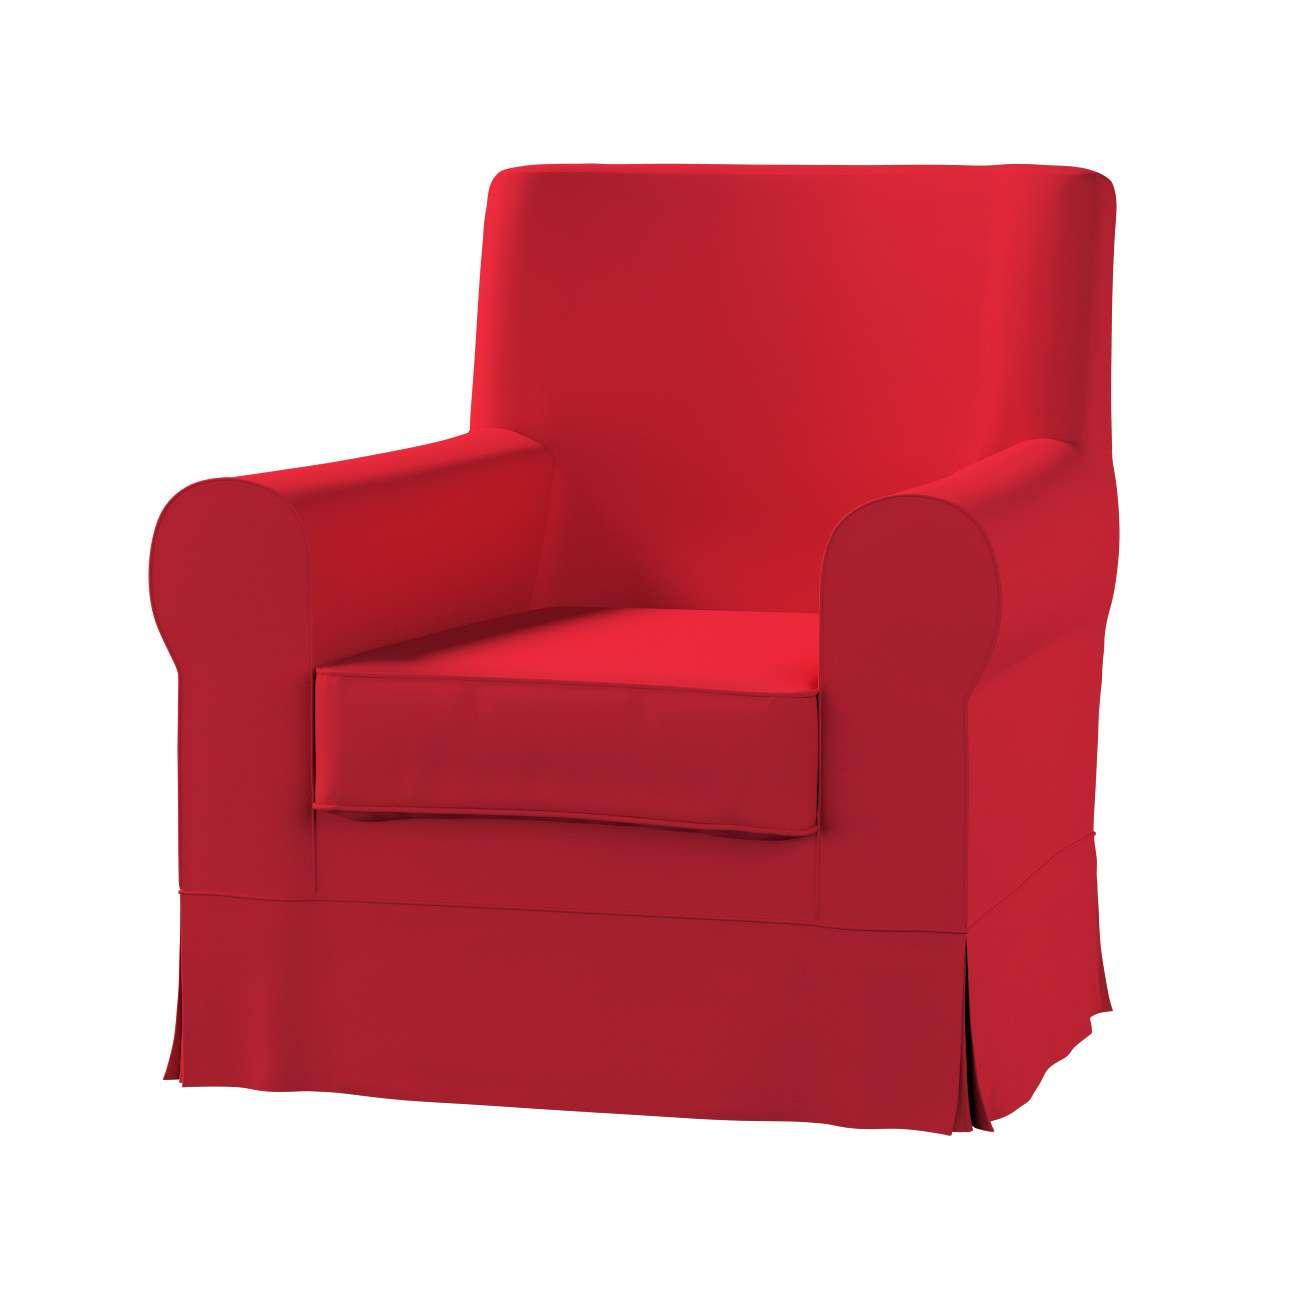 EKTORP JENNYLUND fotelio užvalkalas Ektorp Jennylund fotelio užvalkalas kolekcijoje Cotton Panama, audinys: 702-04